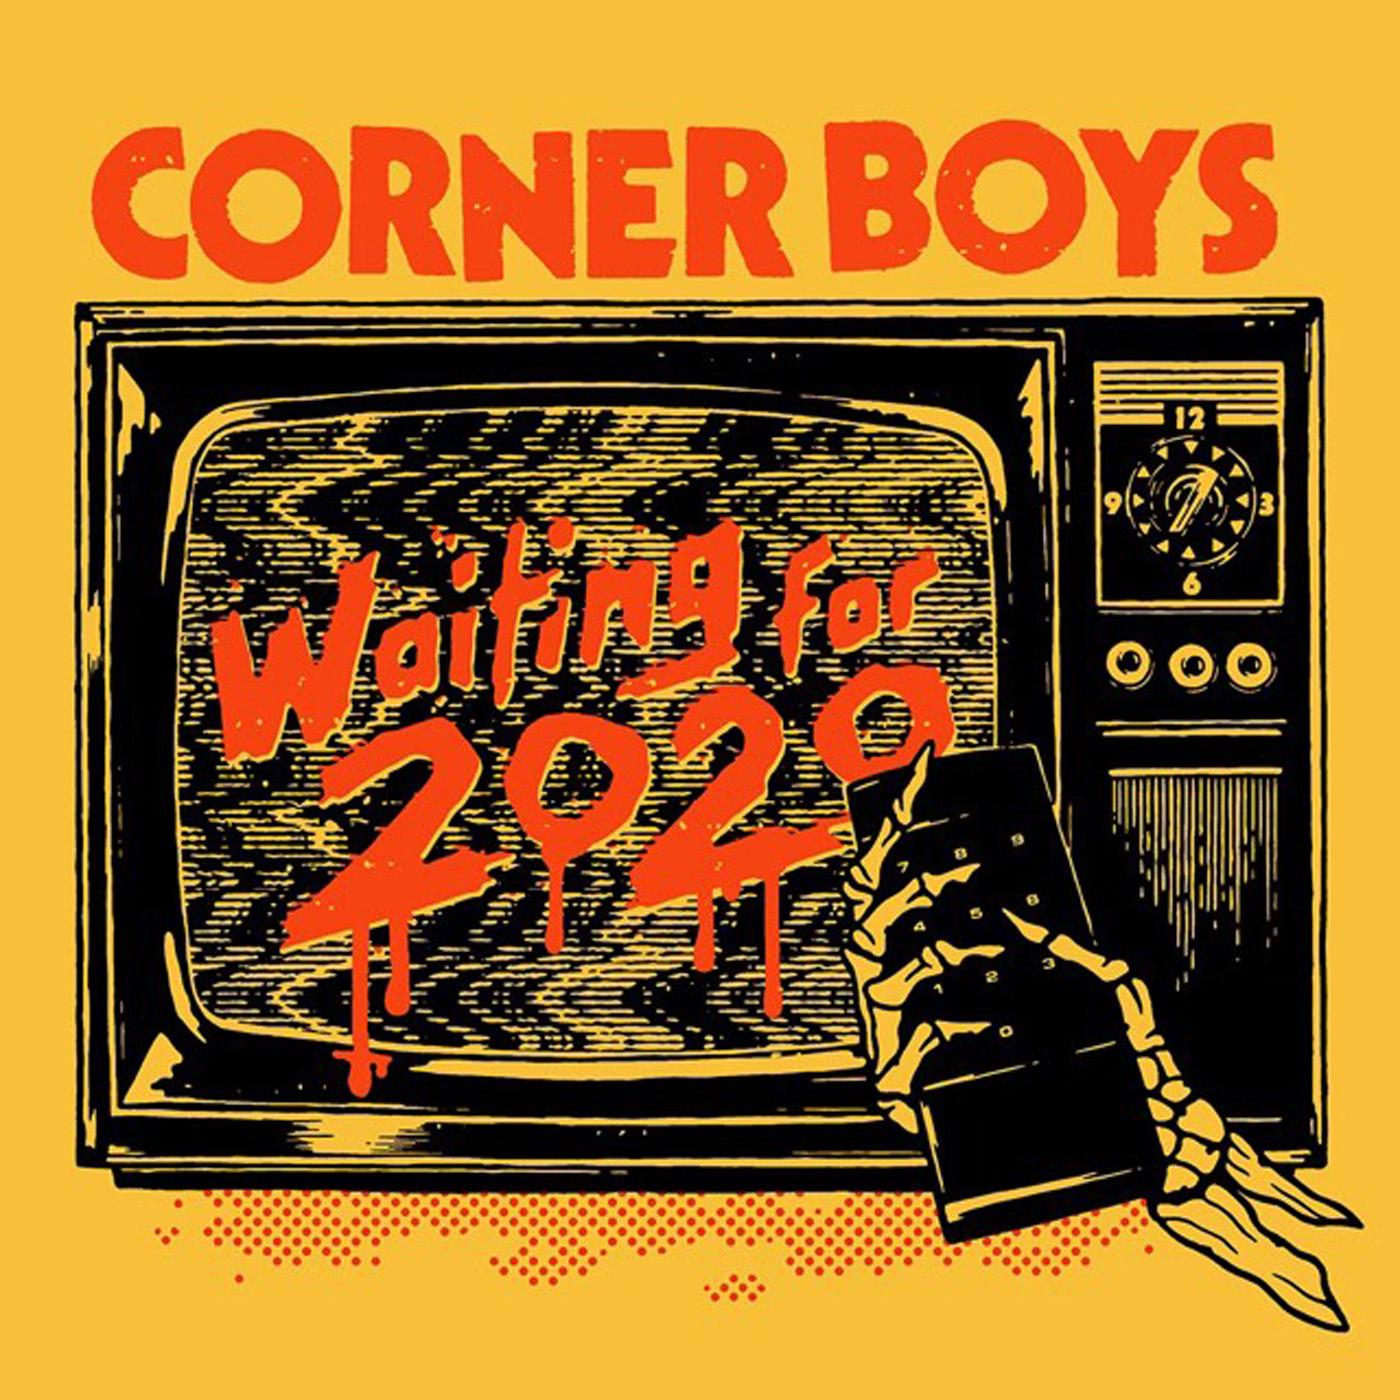 Lp Tour 2020 Drunken Sailor Records   Corner Boys   Waiting For 2020 LP